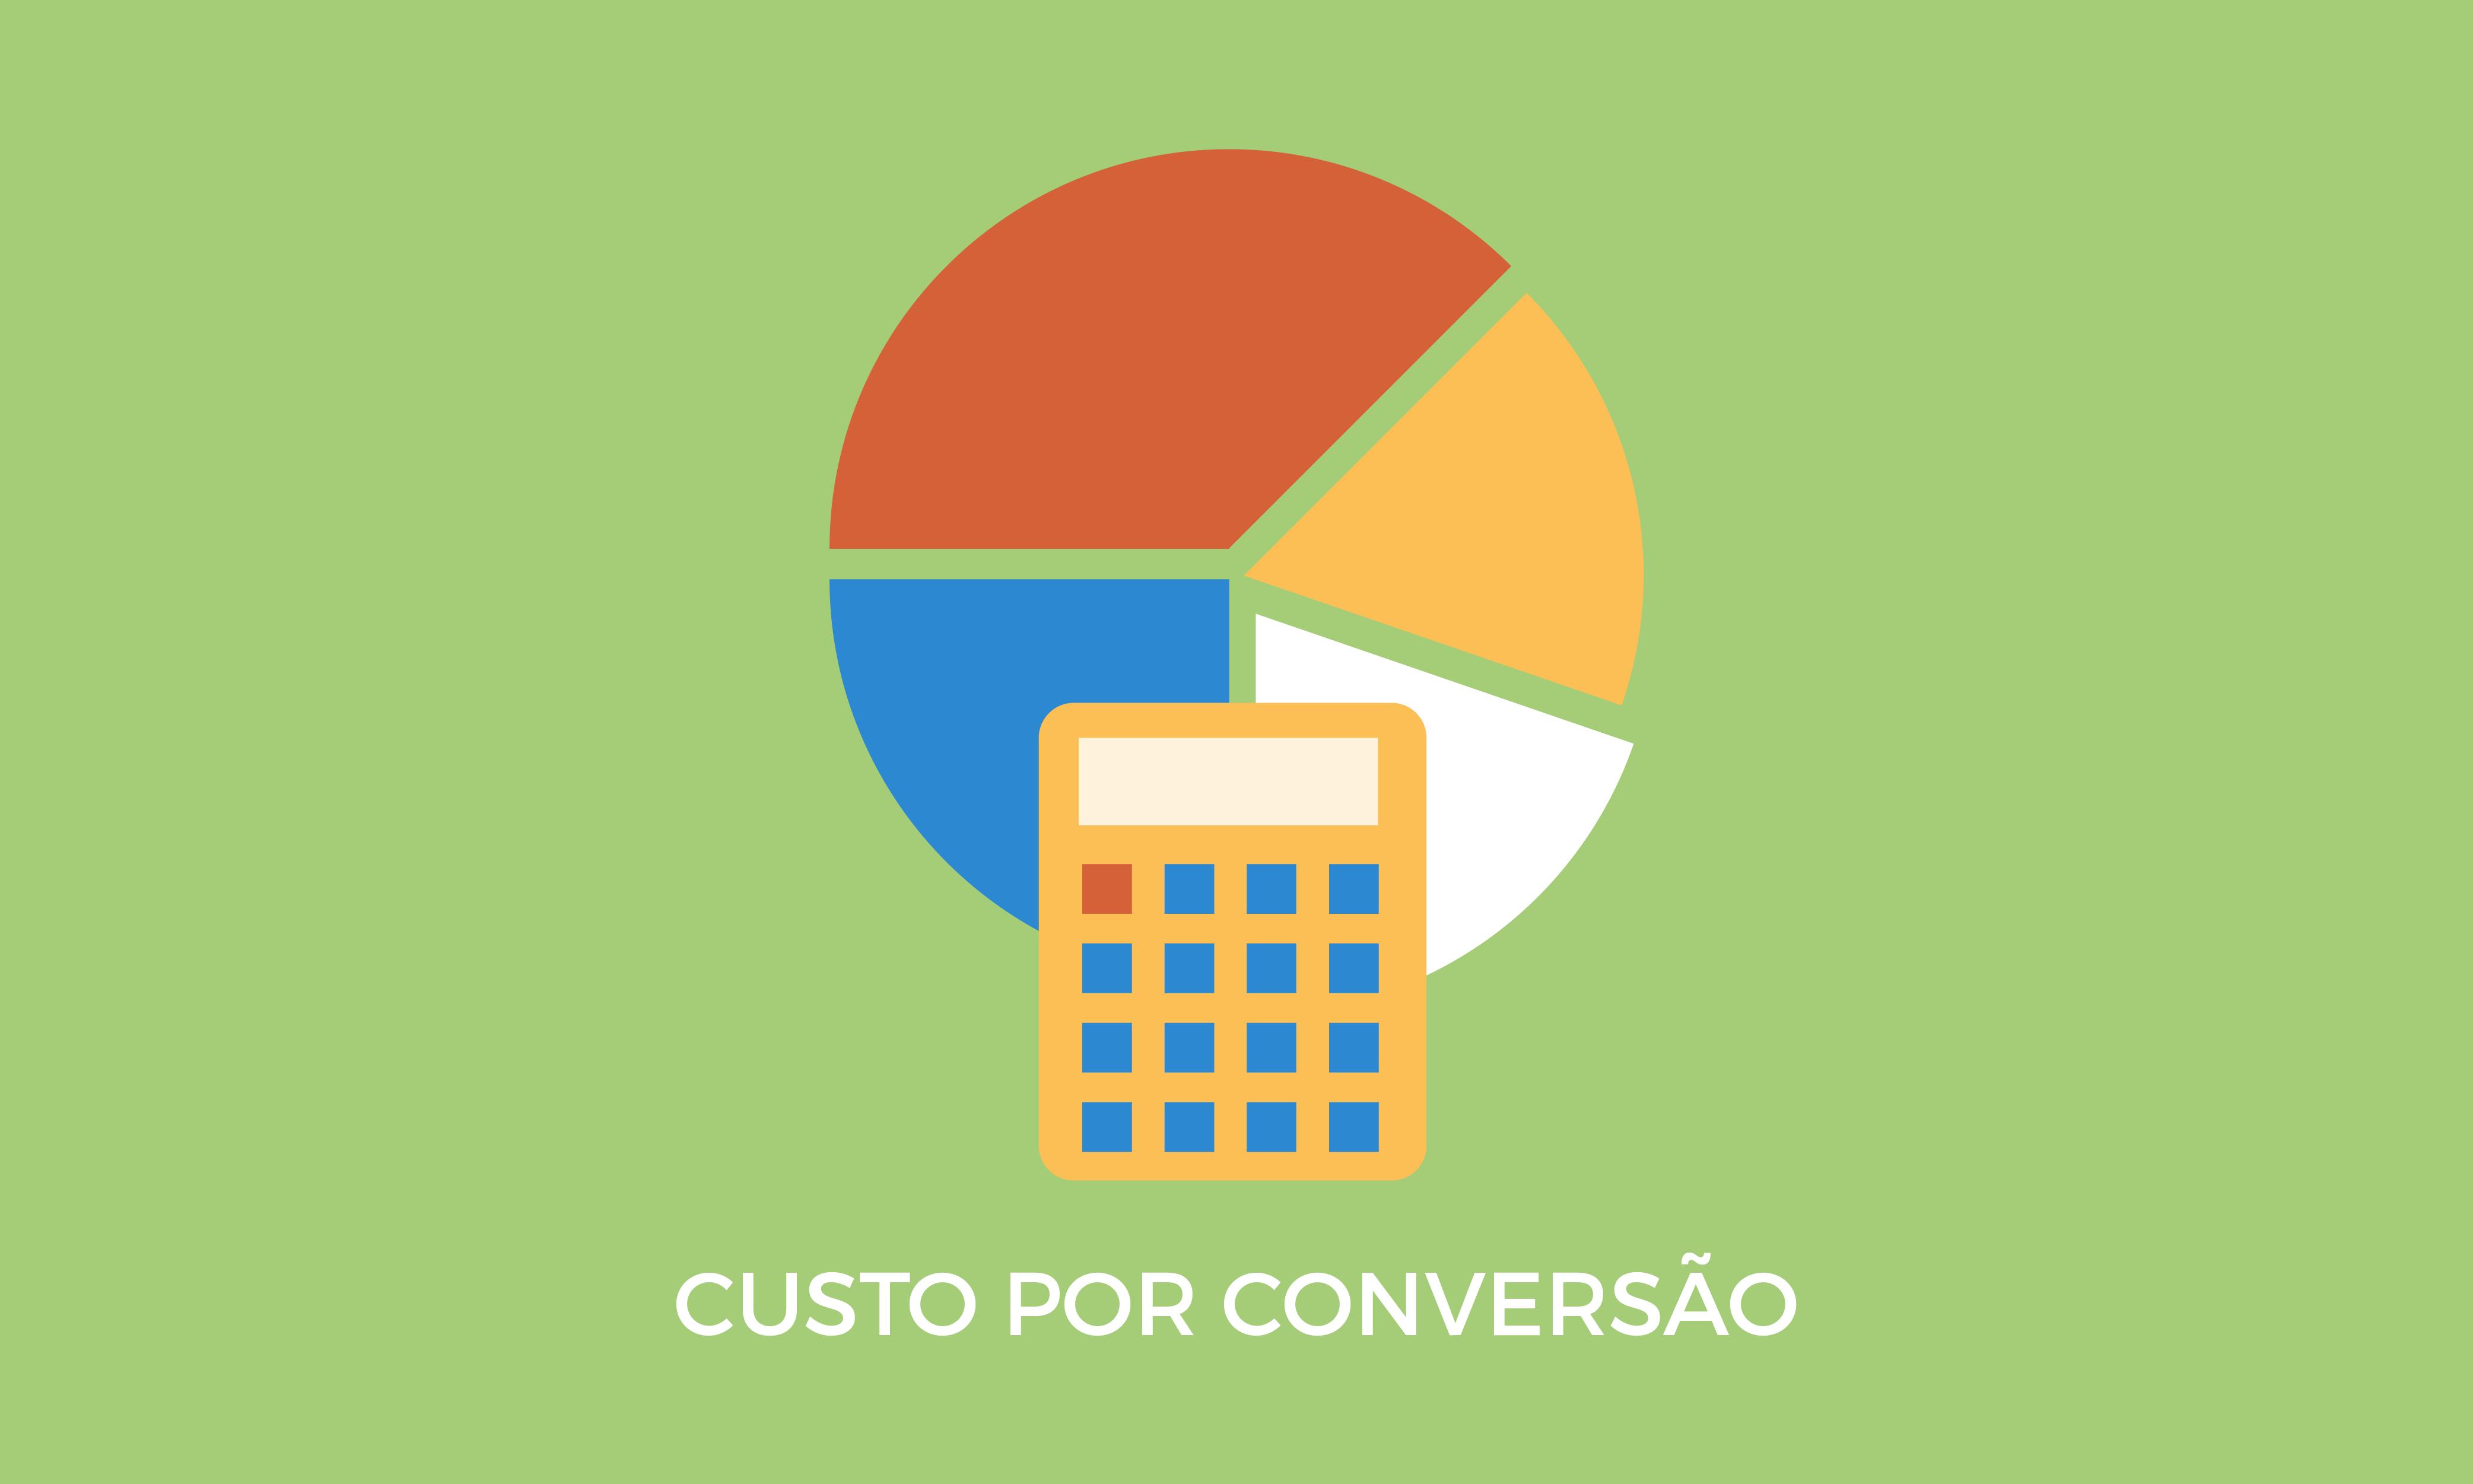 O que é custo por conversão?